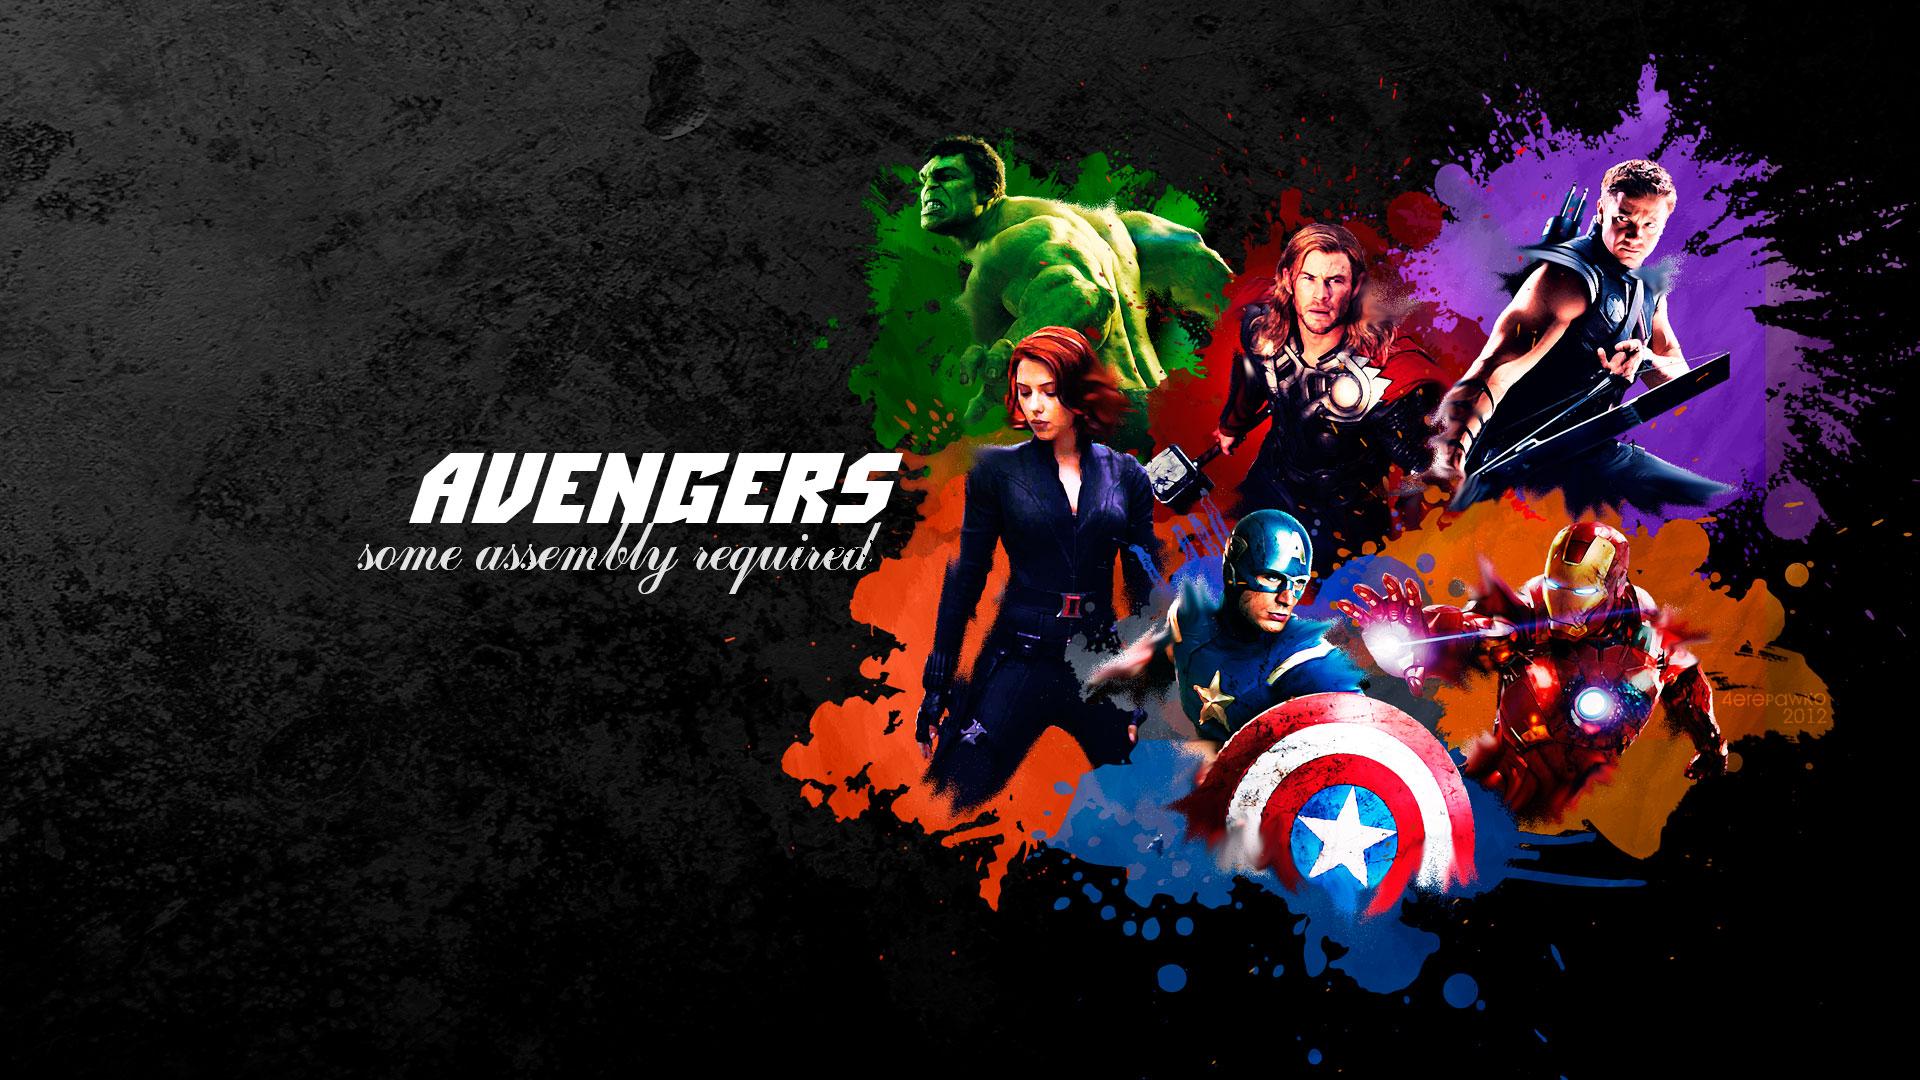 The Avengers wallpaper 3